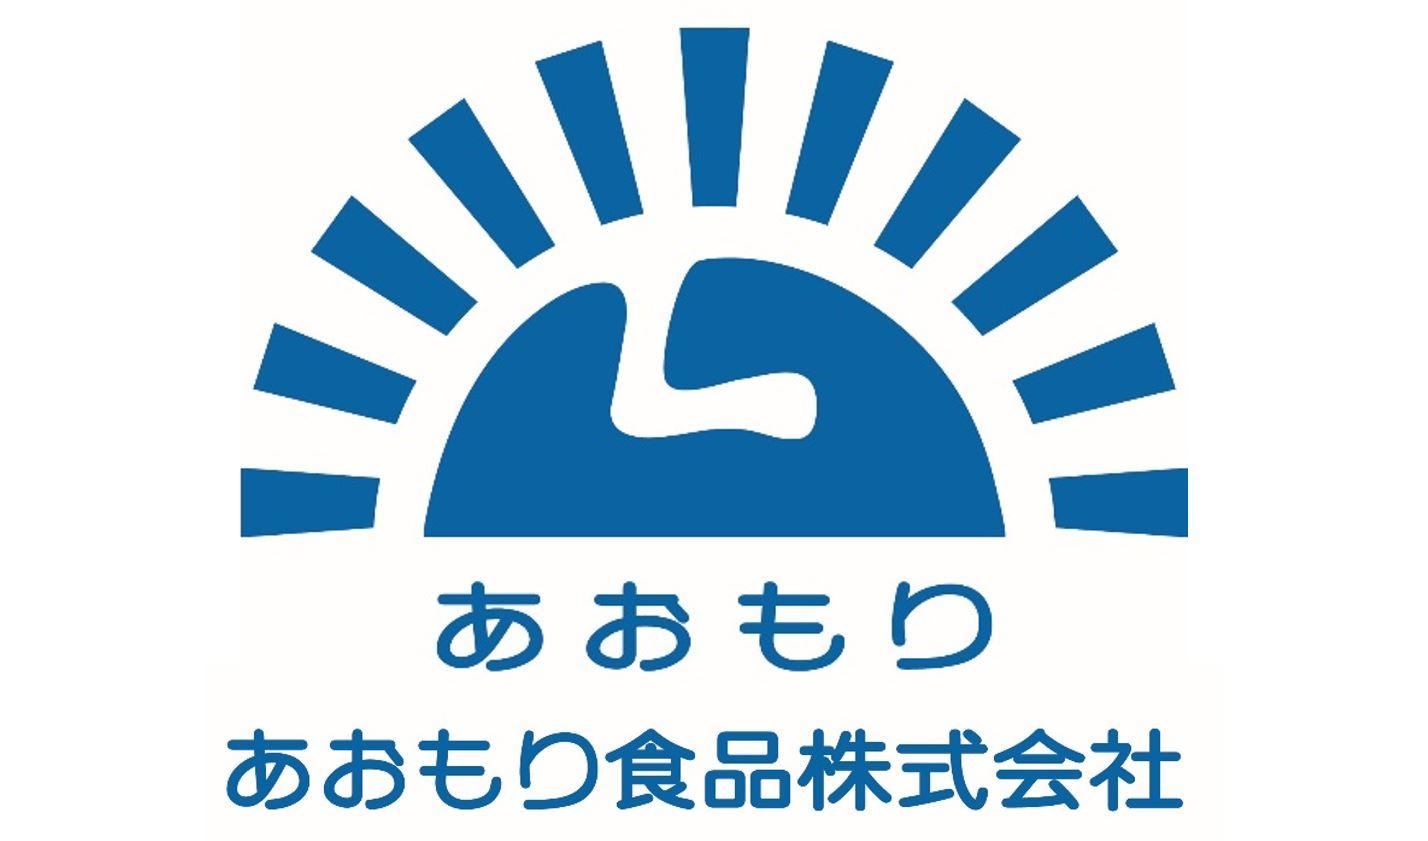 日興運輸株式会社|お客様の声